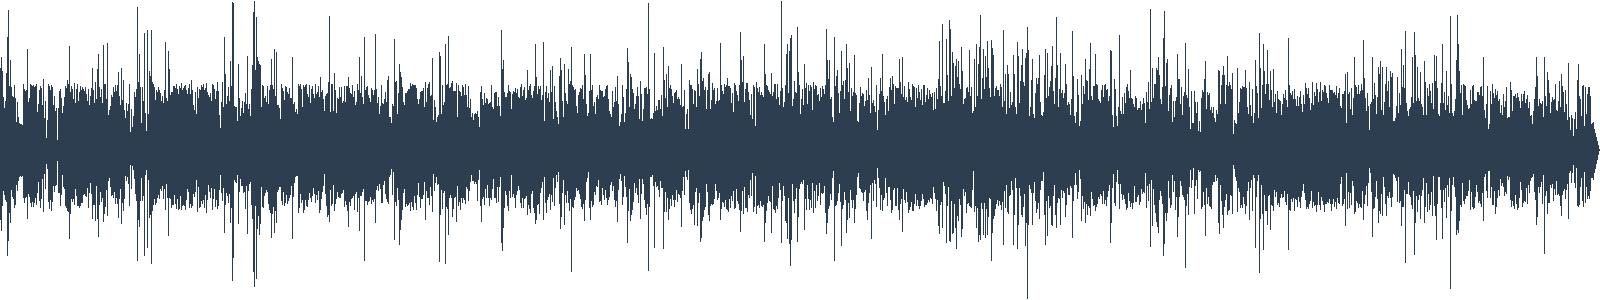 #91 s Michalem Schwarzeneggerem a Petrou Phelps waveform